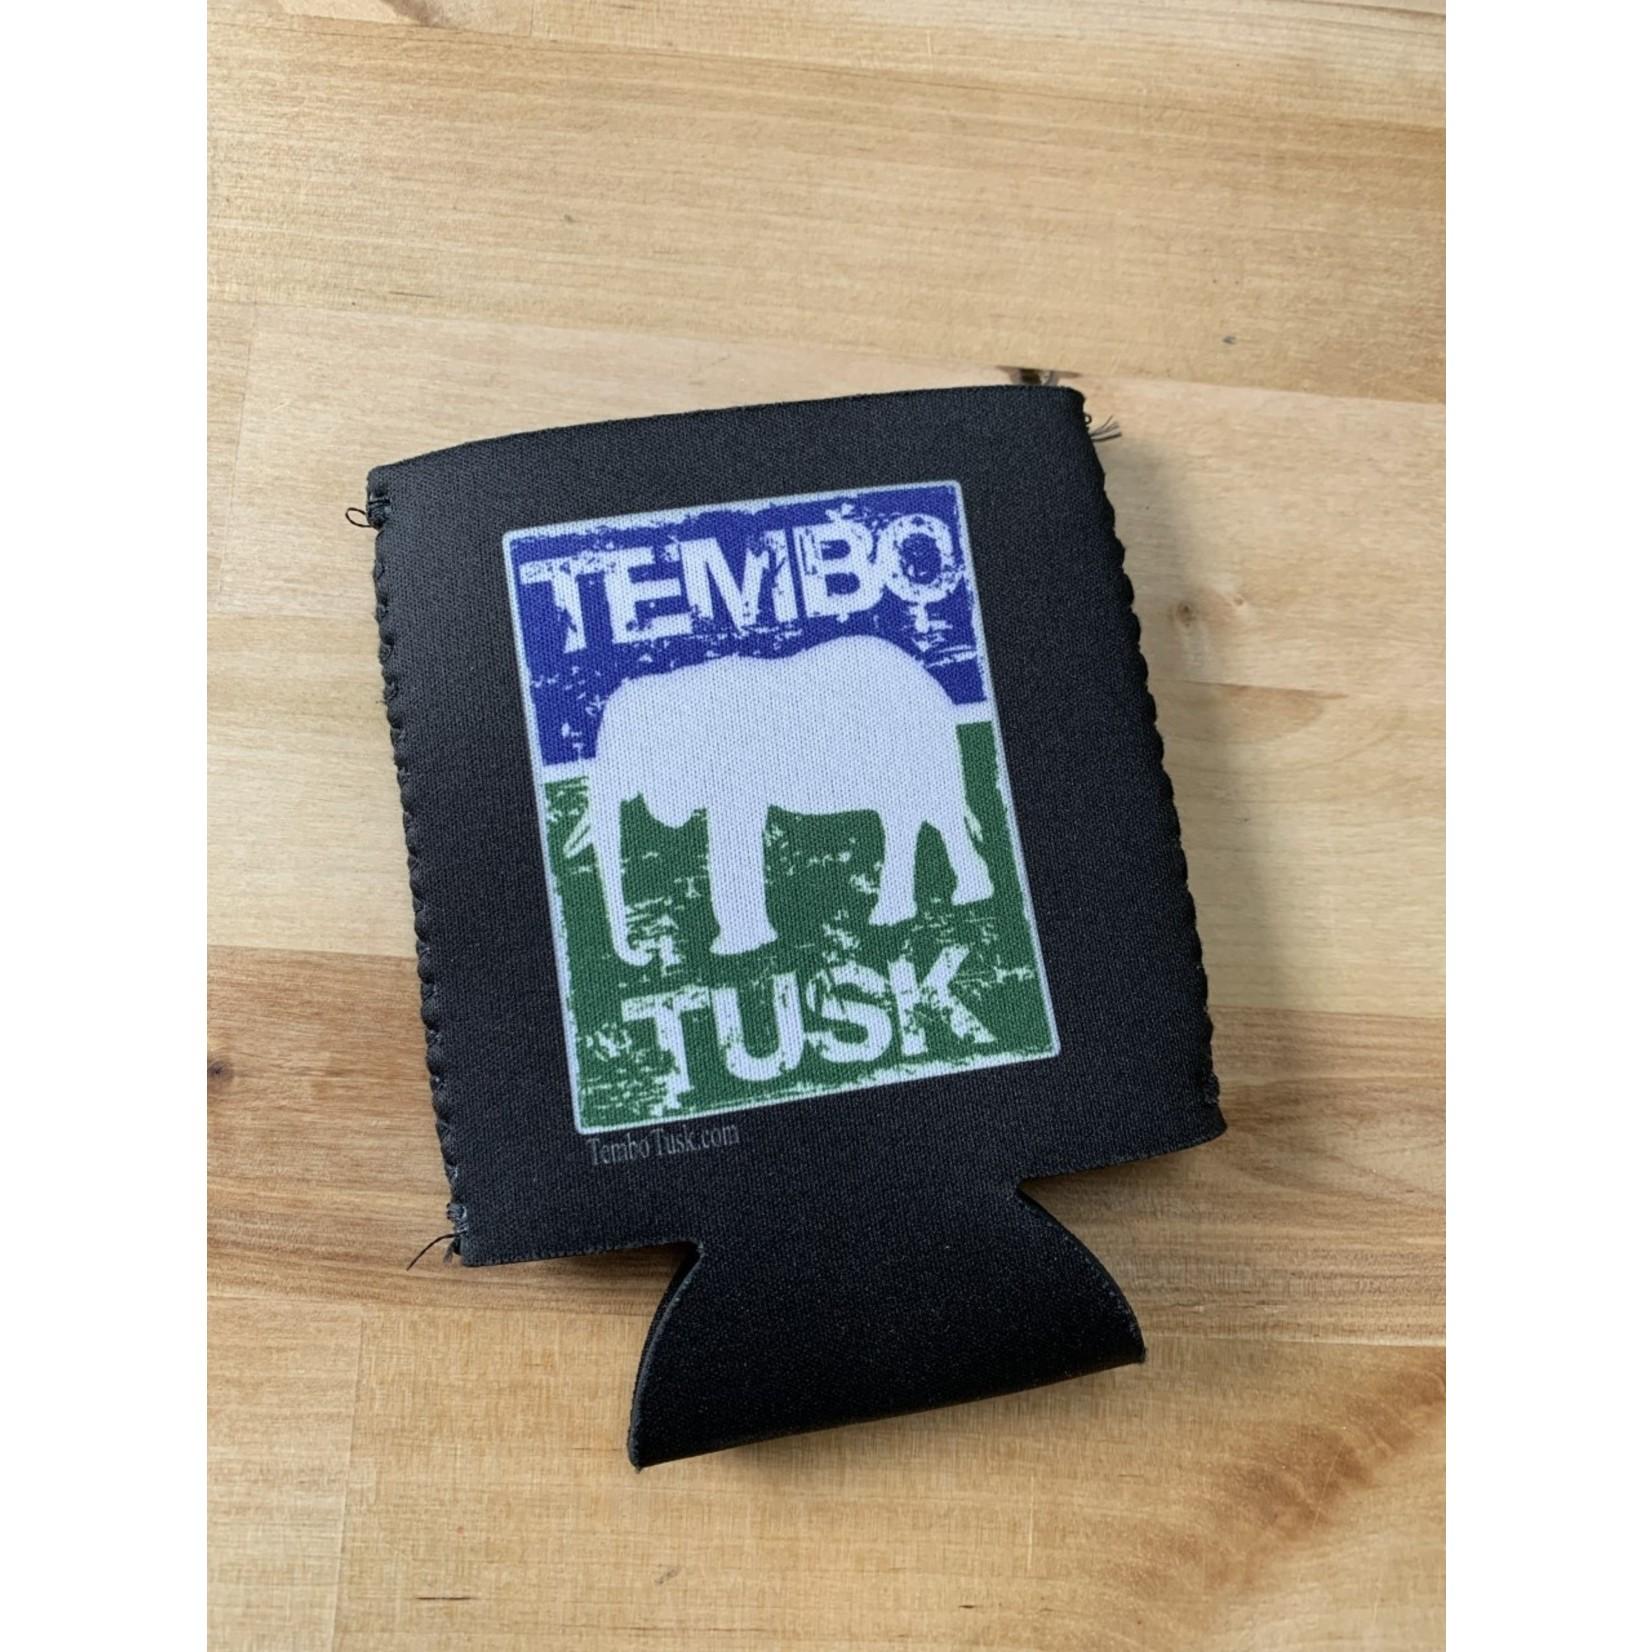 Tembo Tusk Tembo Tusk Koozie